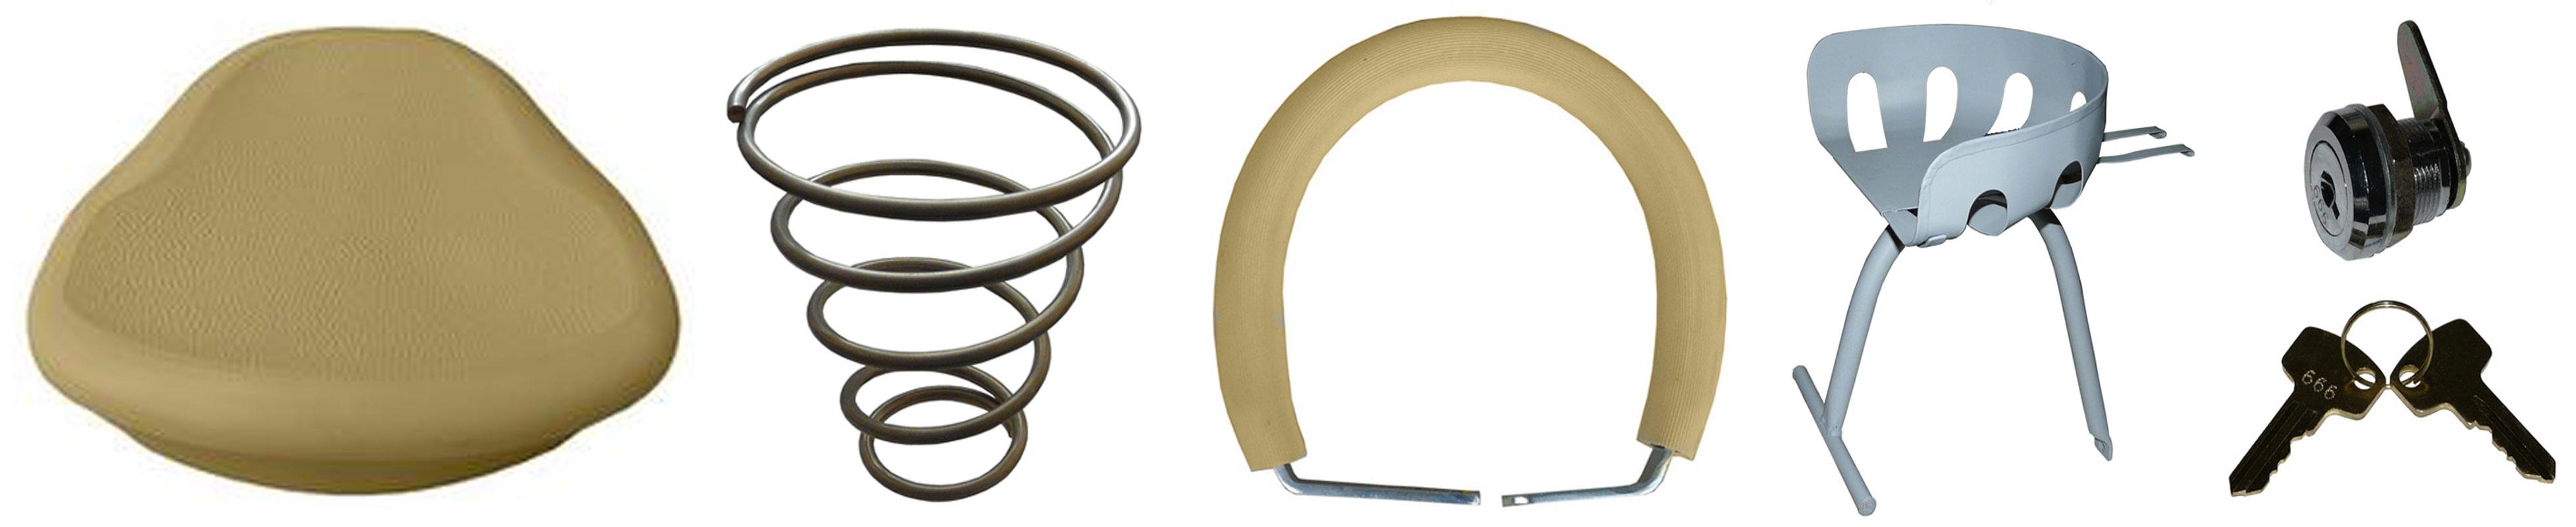 sitze sattel iwl berlin sr 59 ddr. Black Bedroom Furniture Sets. Home Design Ideas